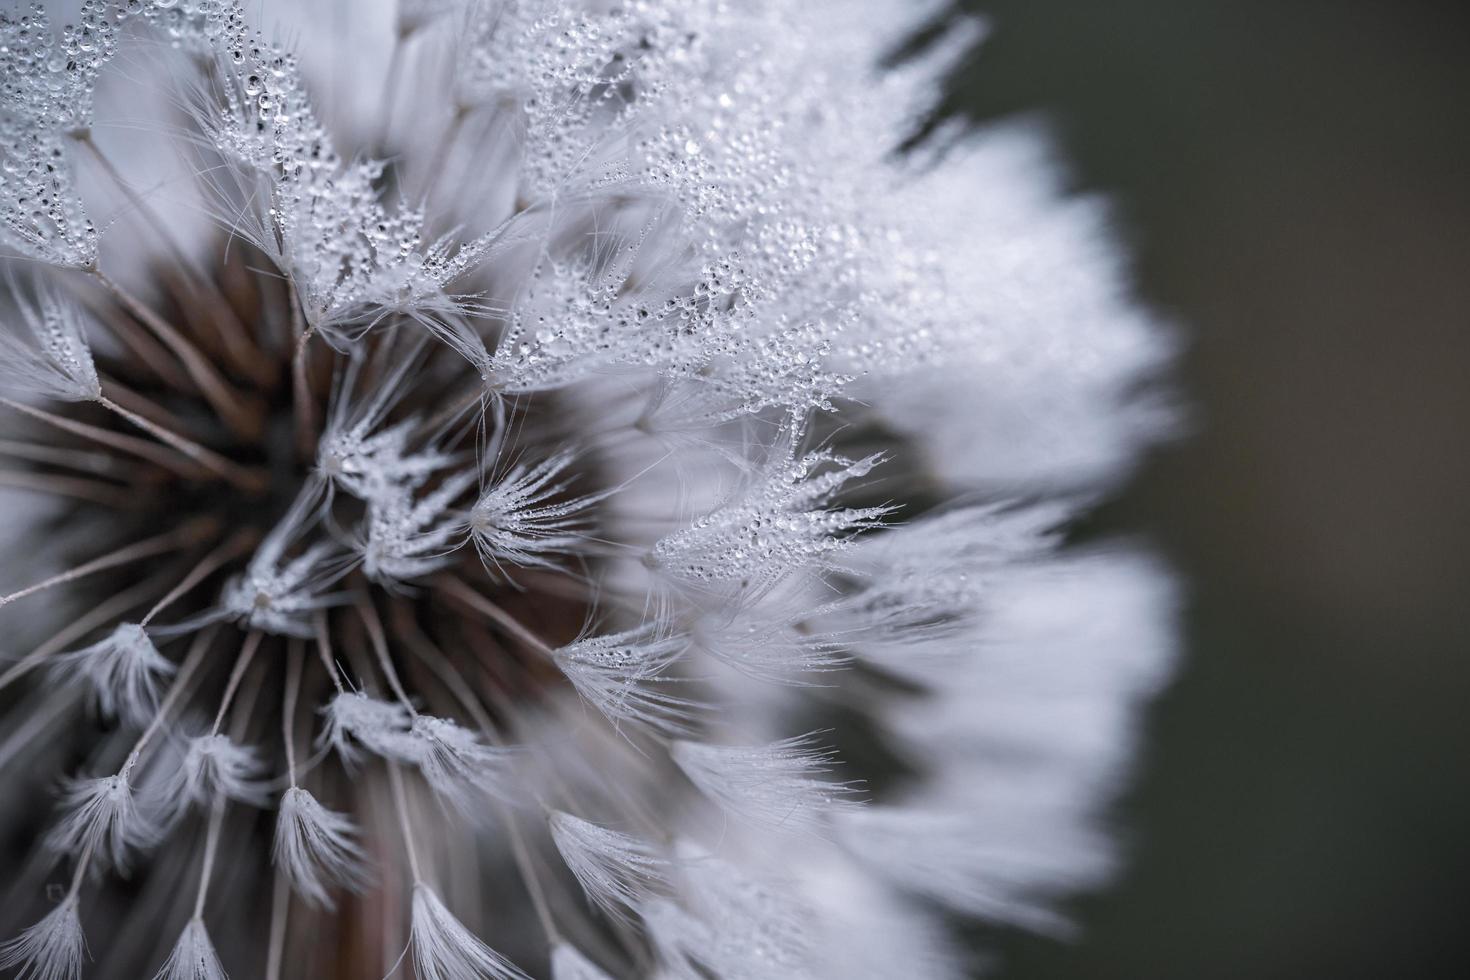 dauw druppels op witte bloem foto